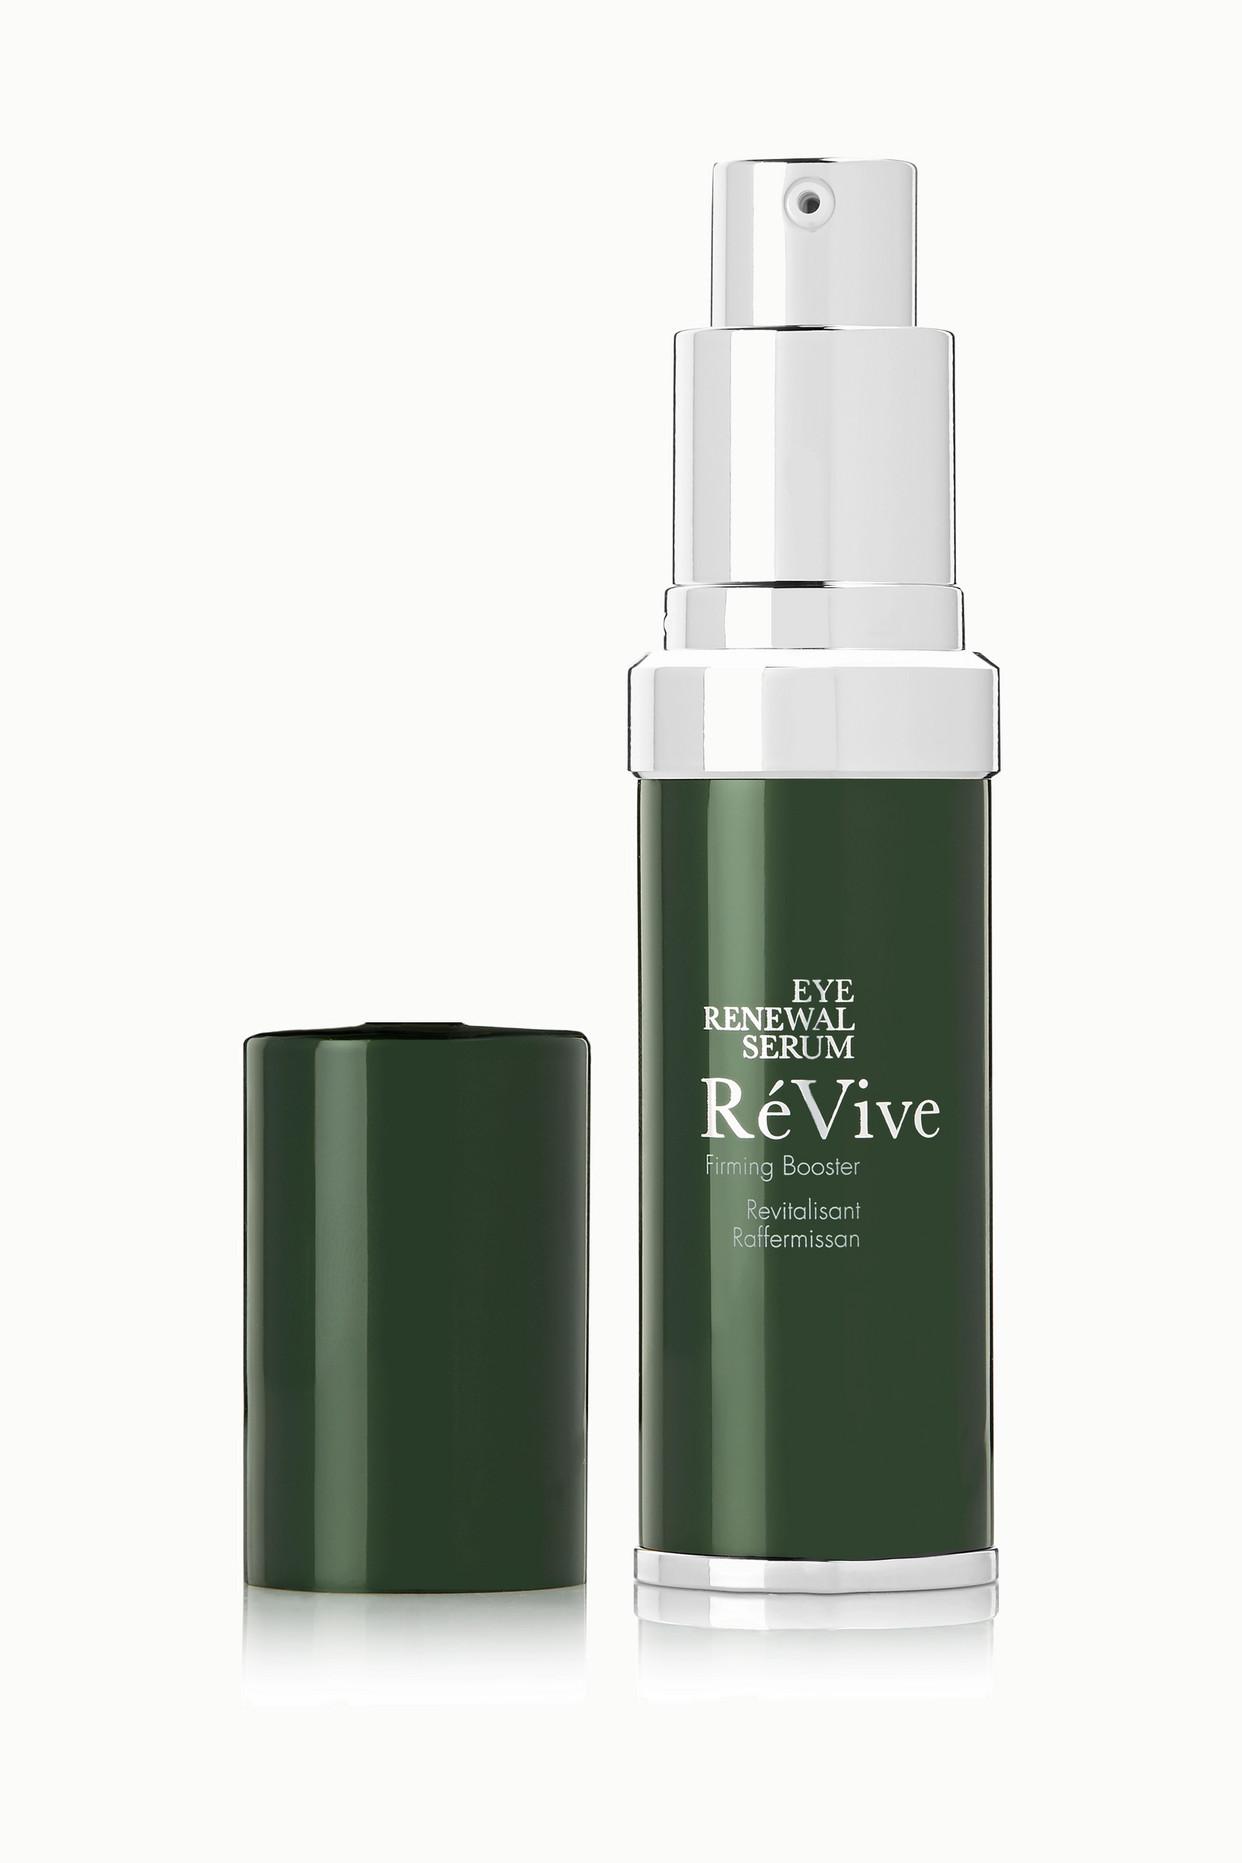 RÉVIVE - Eye Renewal Serum, 15ml - one size